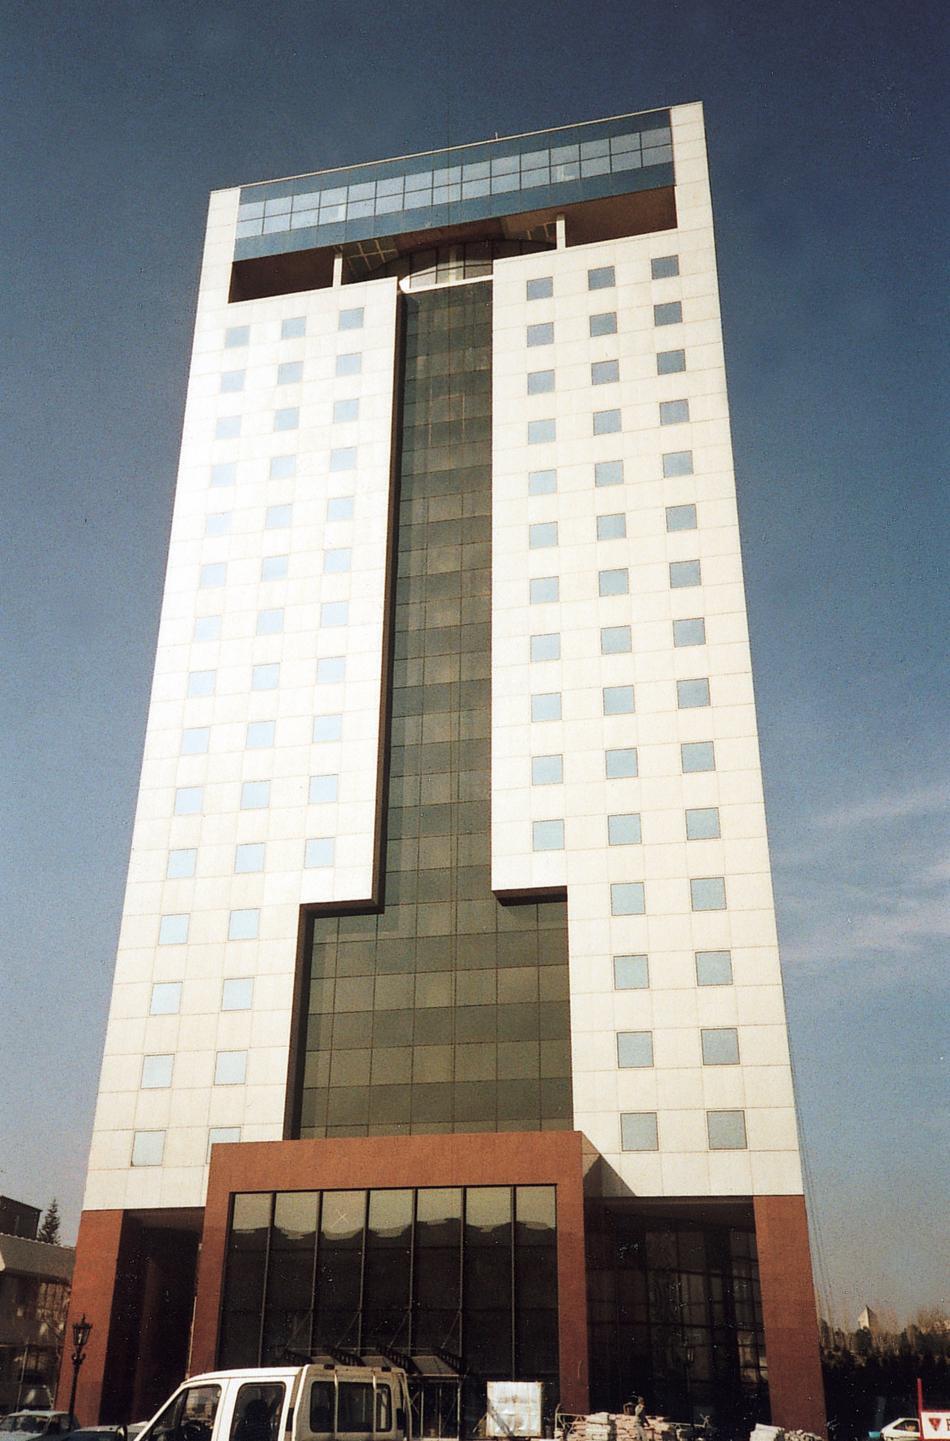 Maliye Bakanlığı Ek Hizmet Binası